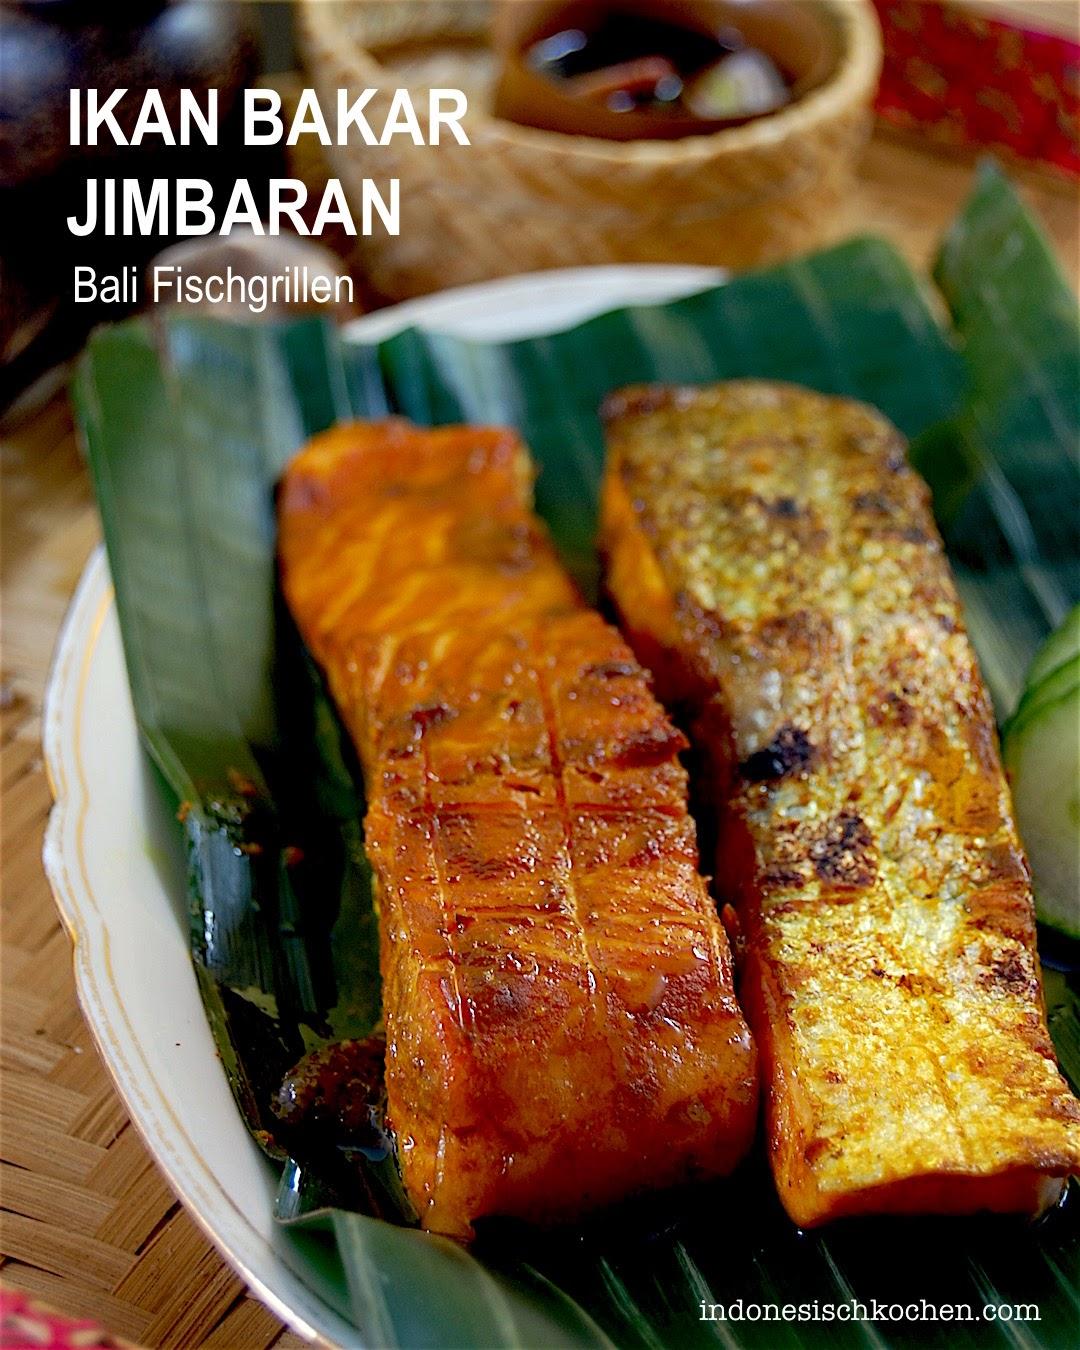 Rezept Ikan Bakar Jimbaran, ein gegrillter Fisch nach Balinesischer-Art